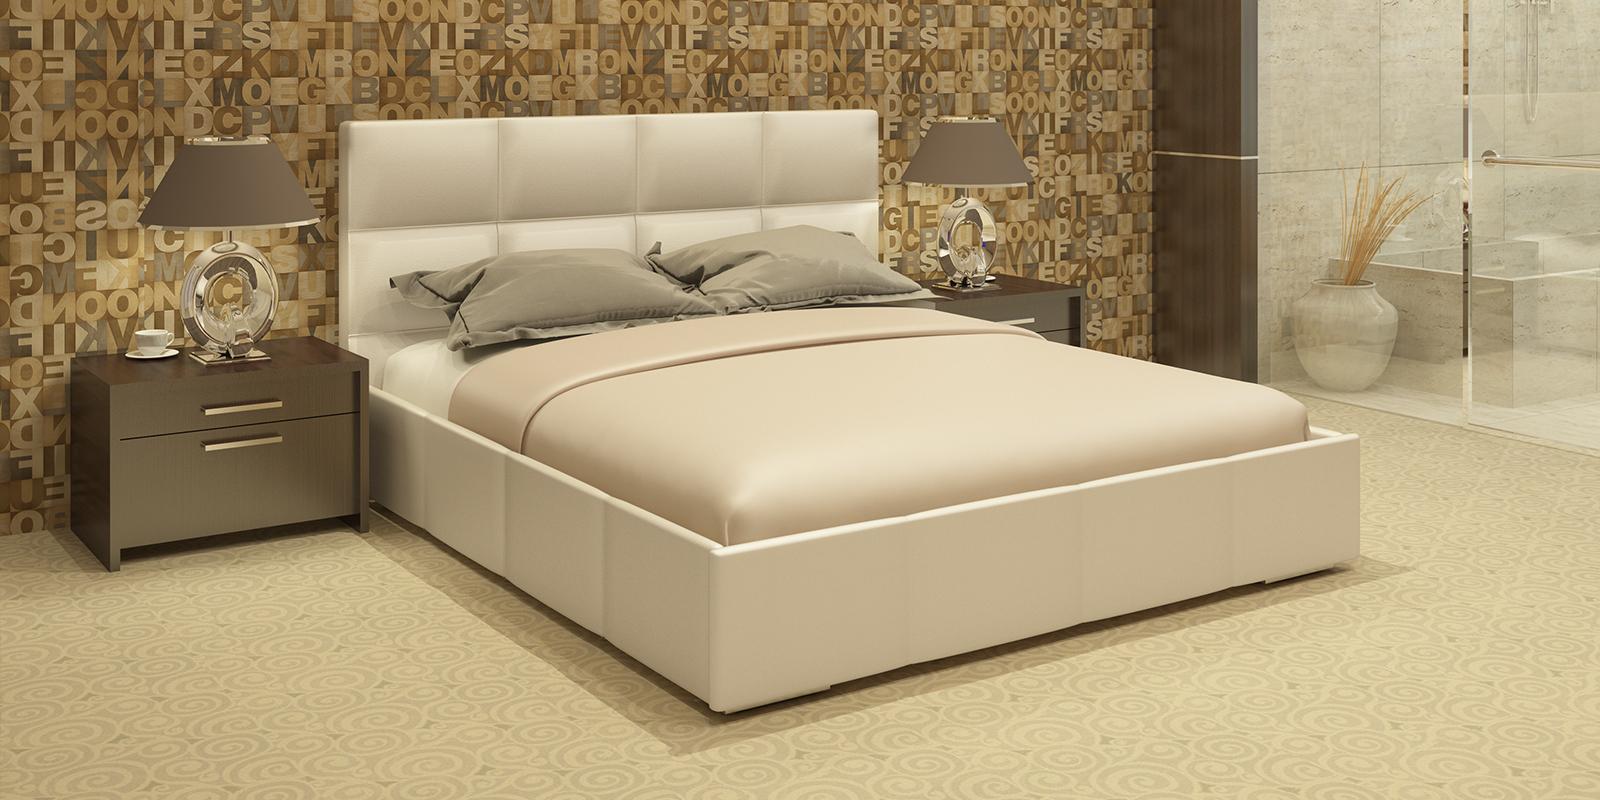 Мягкая кровать 200х160 Лайф с подъемным механизмом (Перламутр) Лайф